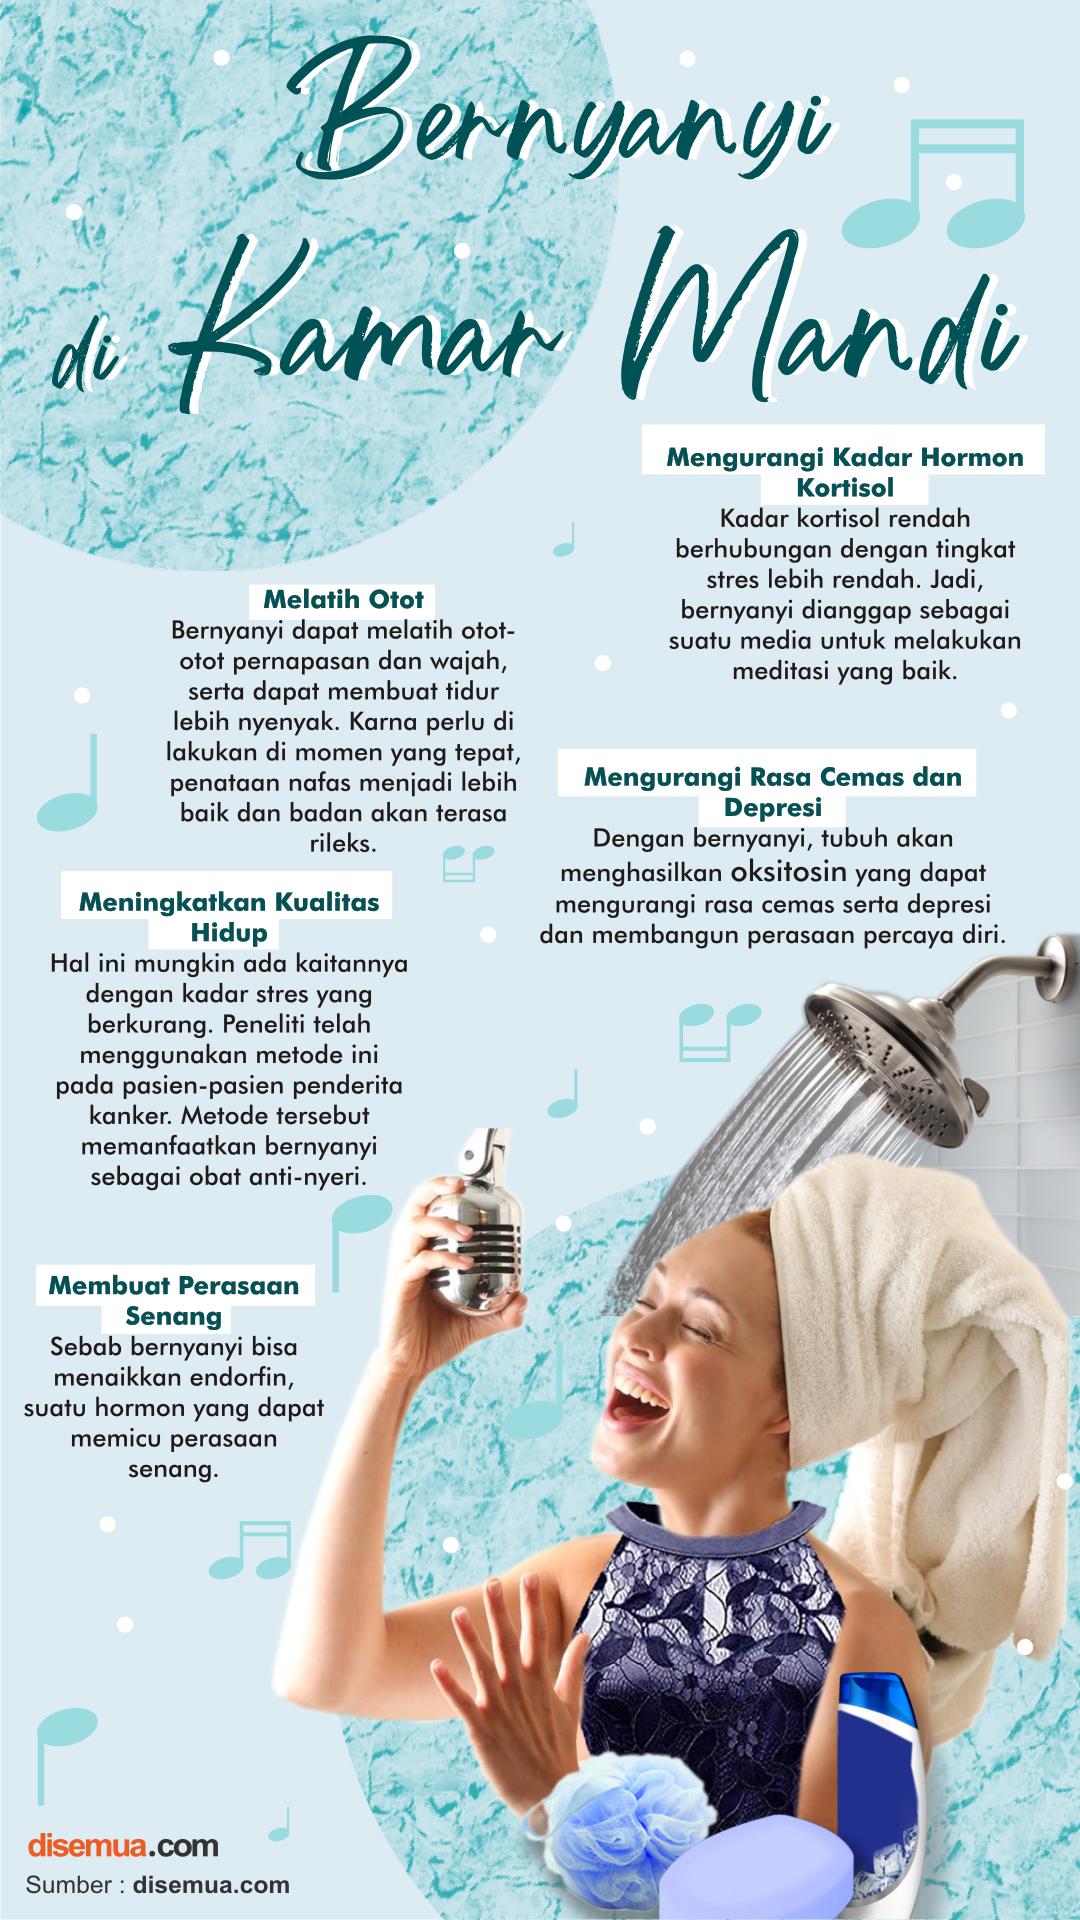 Manfaat Bernyanyi di Kamar Mandi